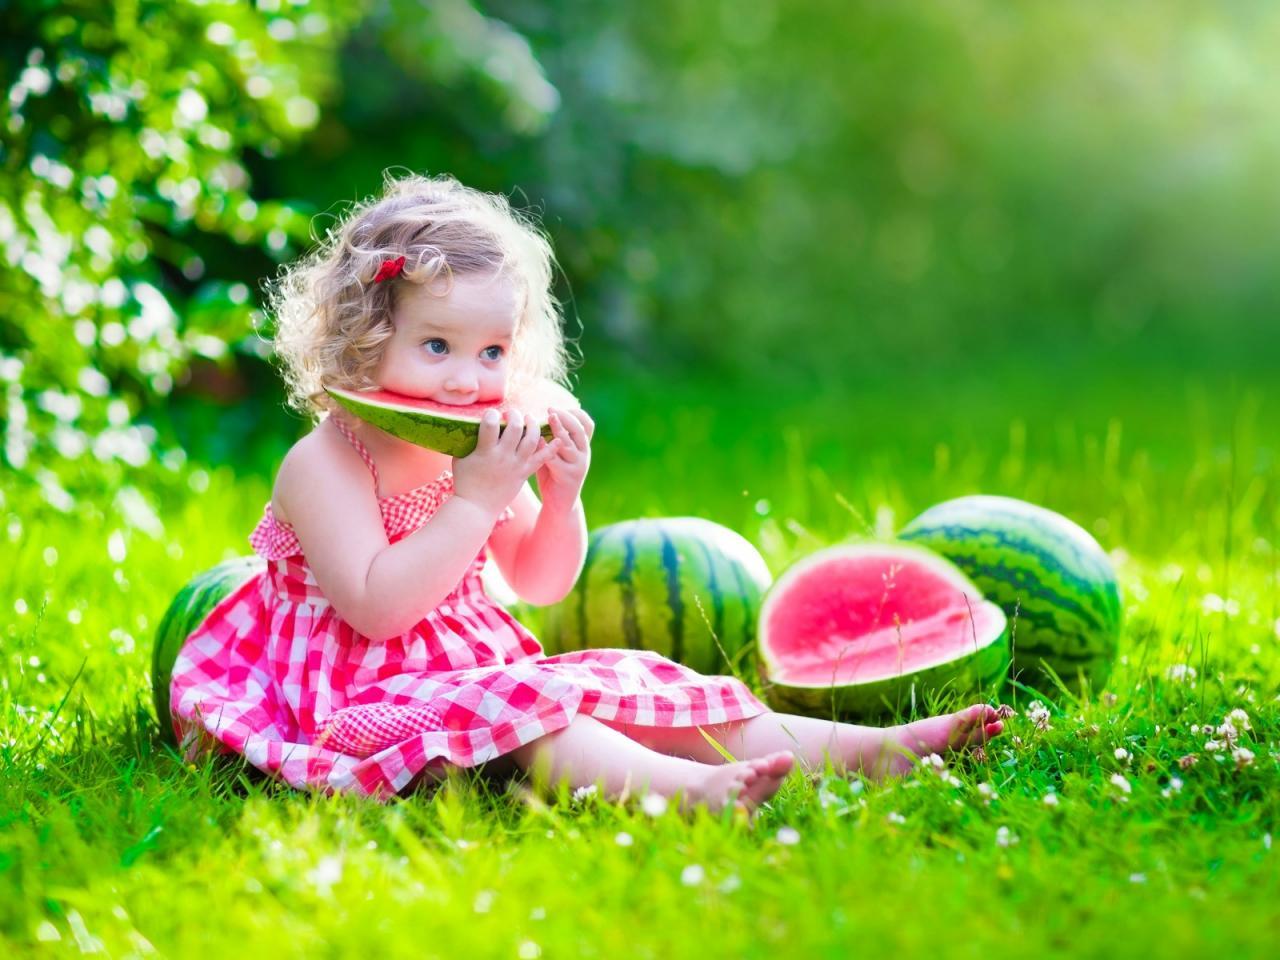 صور فتيات كيوت , احلى الفتيات السكر الشربات